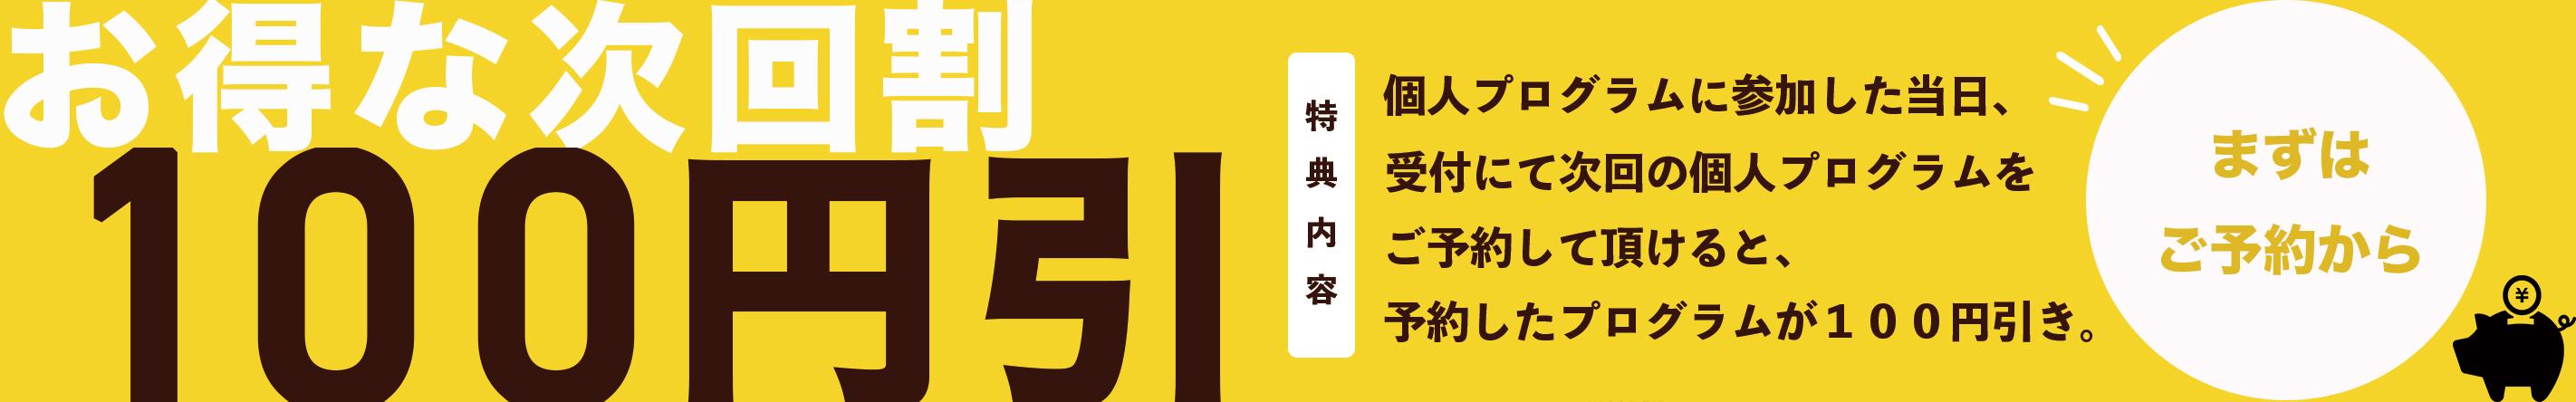 横浜のフットサルコート - ノア・フットサルステージ横浜 個人フットサル